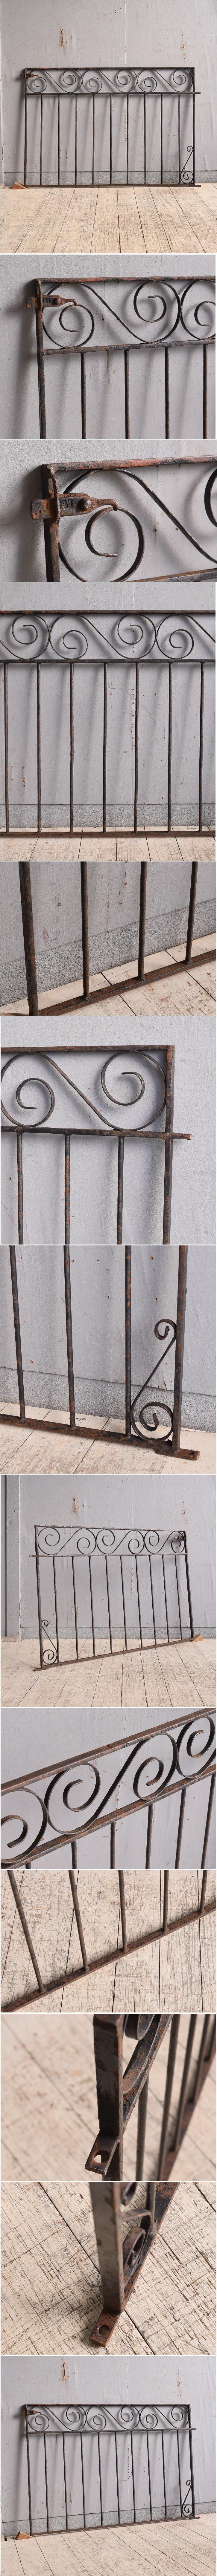 イギリスアンティーク アイアンフェンス ゲート柵 ガーデニング 9740